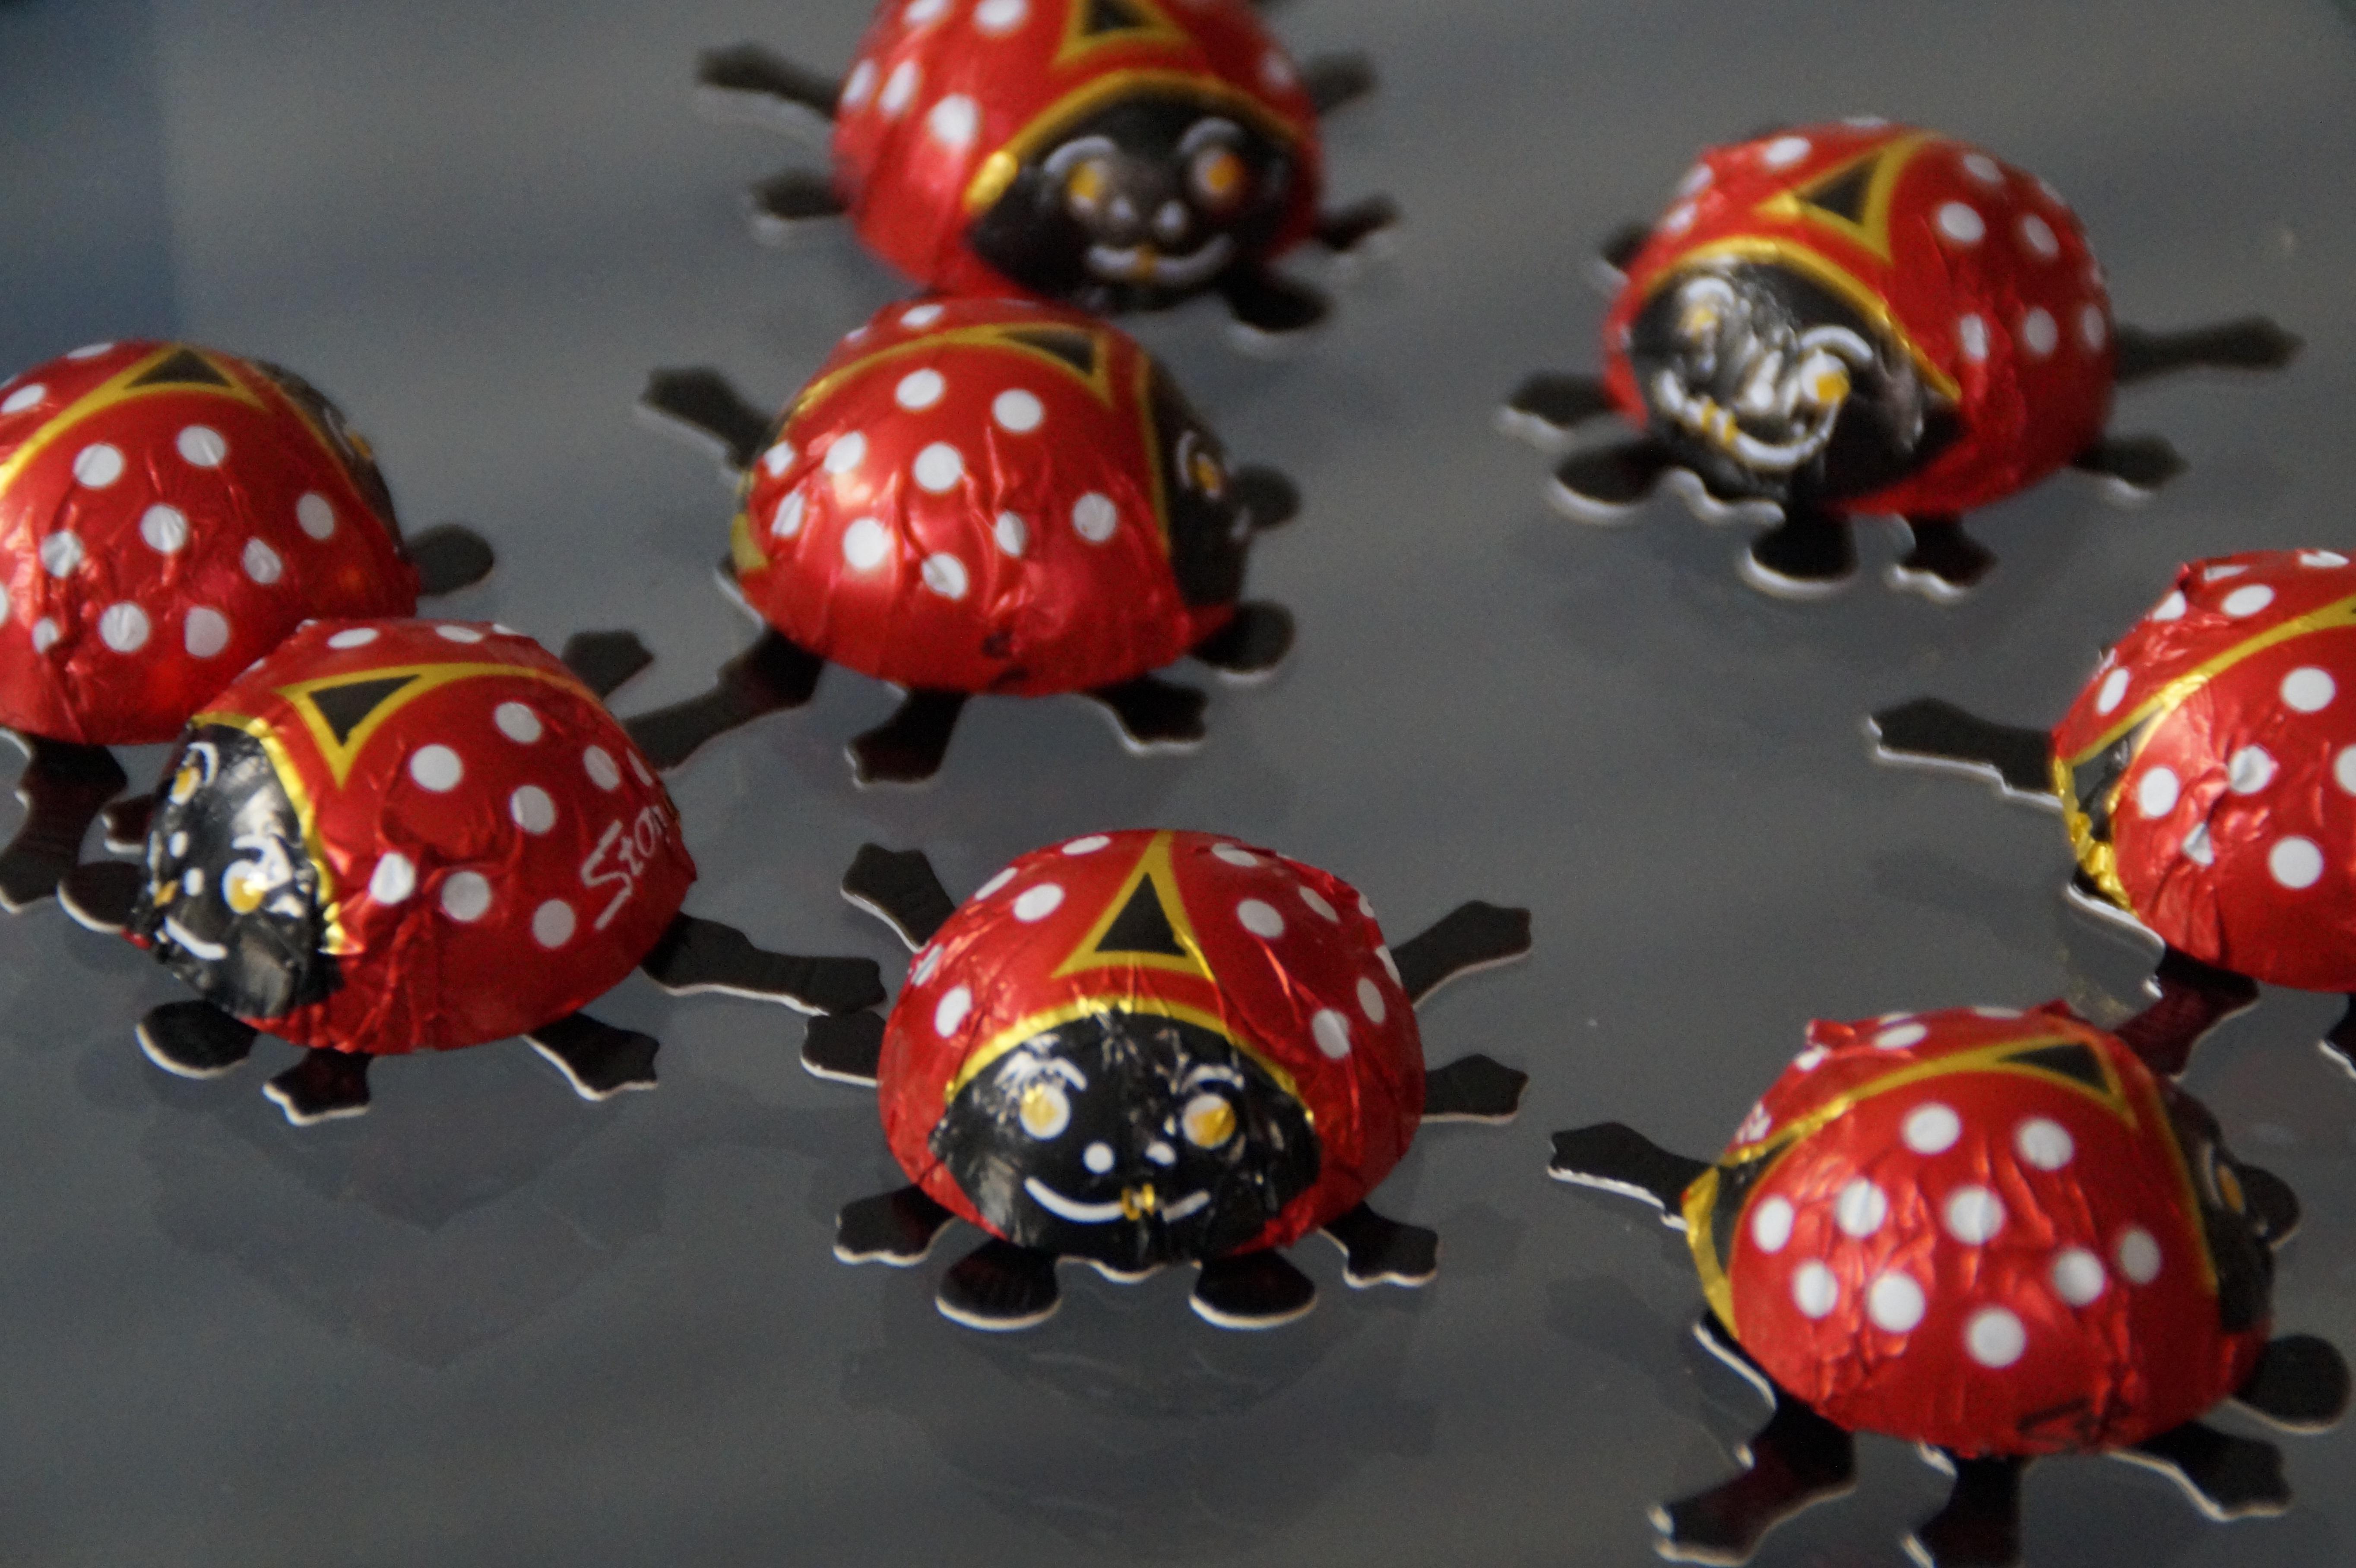 Fotos gratis : decoración, patrón, rojo, símbolo, insecto, juguete ...